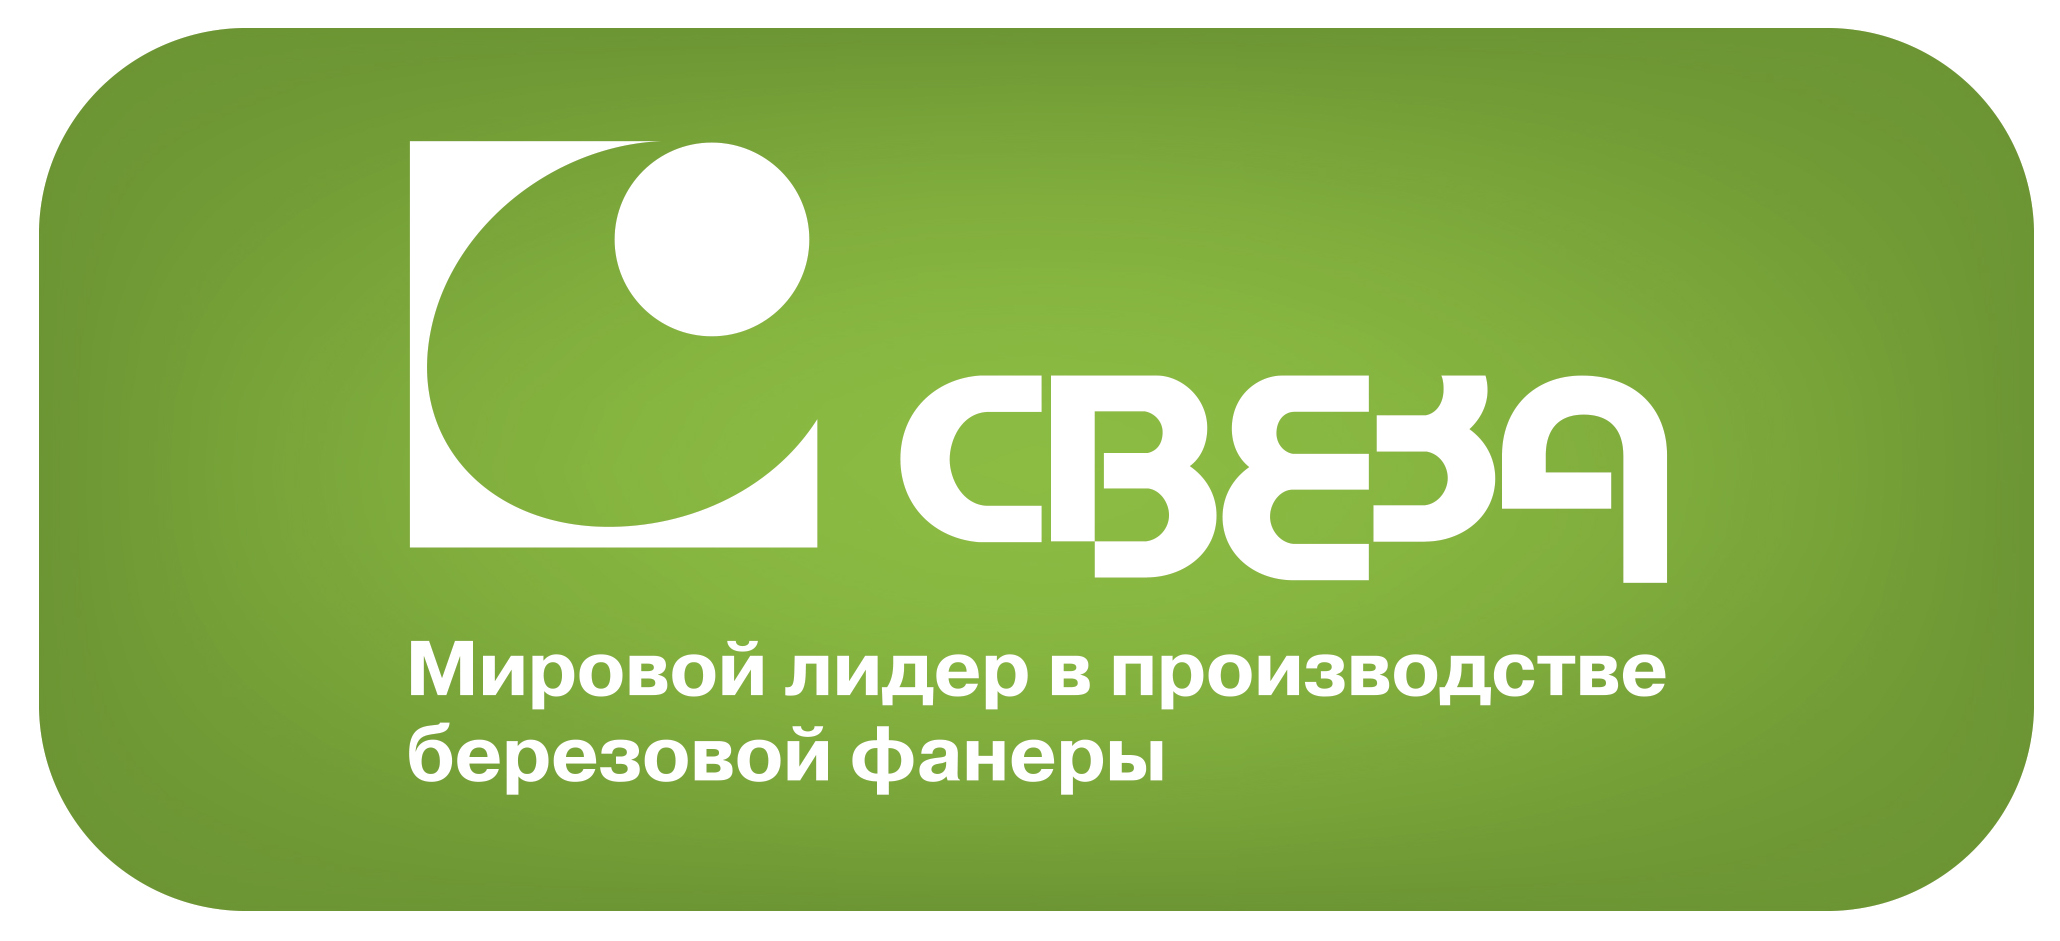 Работа в компании «СВЕЗА» в Гусь-Хрустального района